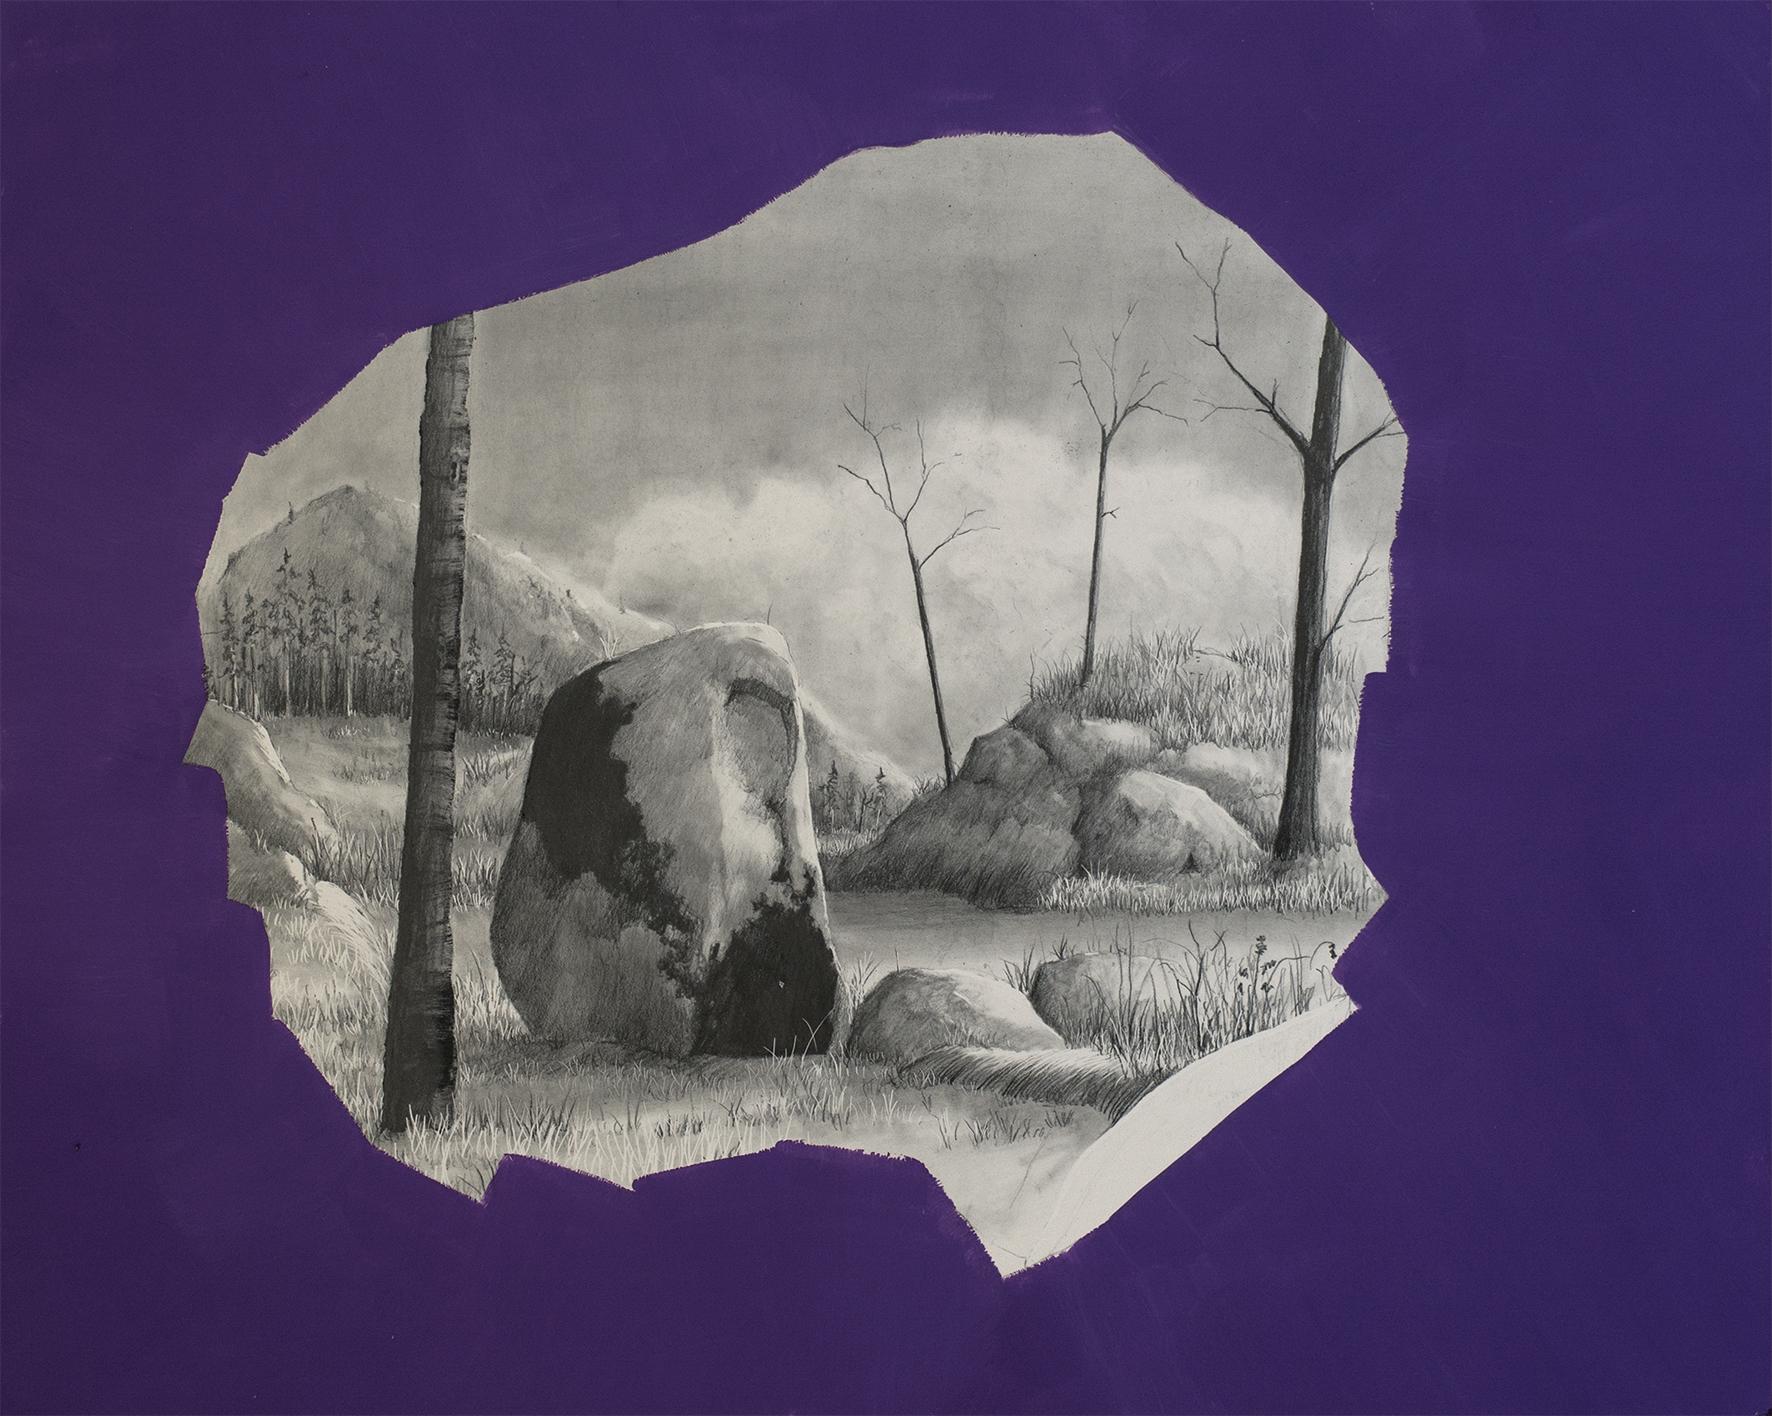 ___galerielaforestdivonne,DavidLefebvre,Mégalithe IV, graphite et huile sur clayboard, 24 x 30 cm, 2019, crédit david Lefèbvre, copy Galerie La Forest Divonne